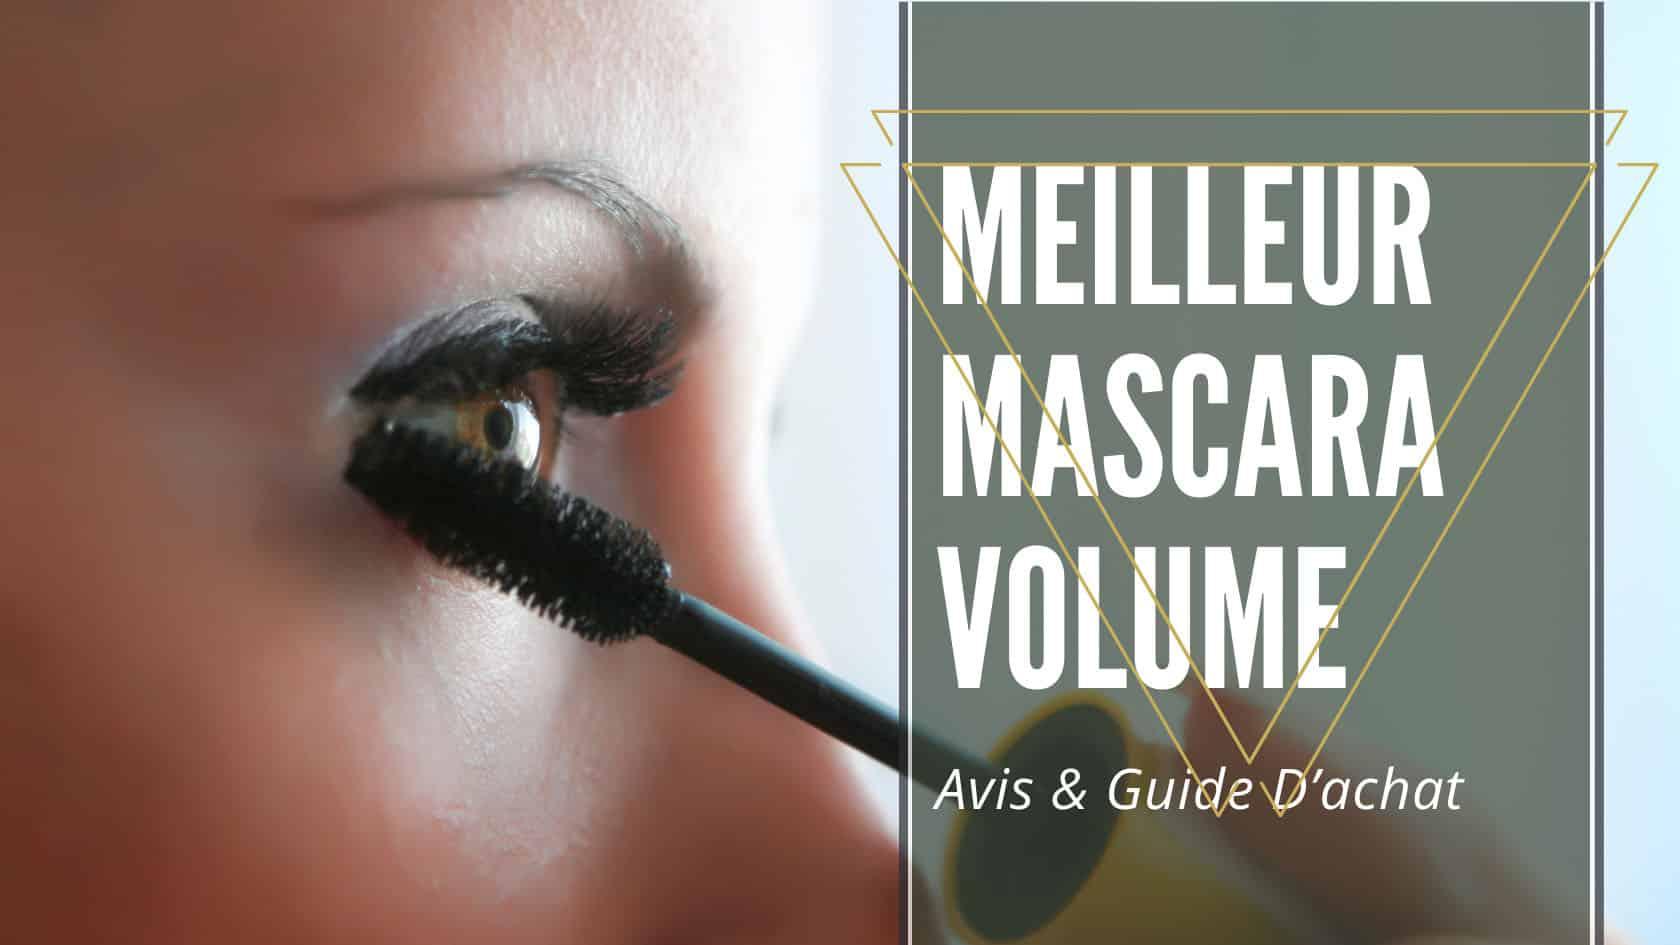 Meilleur Mascara Volume